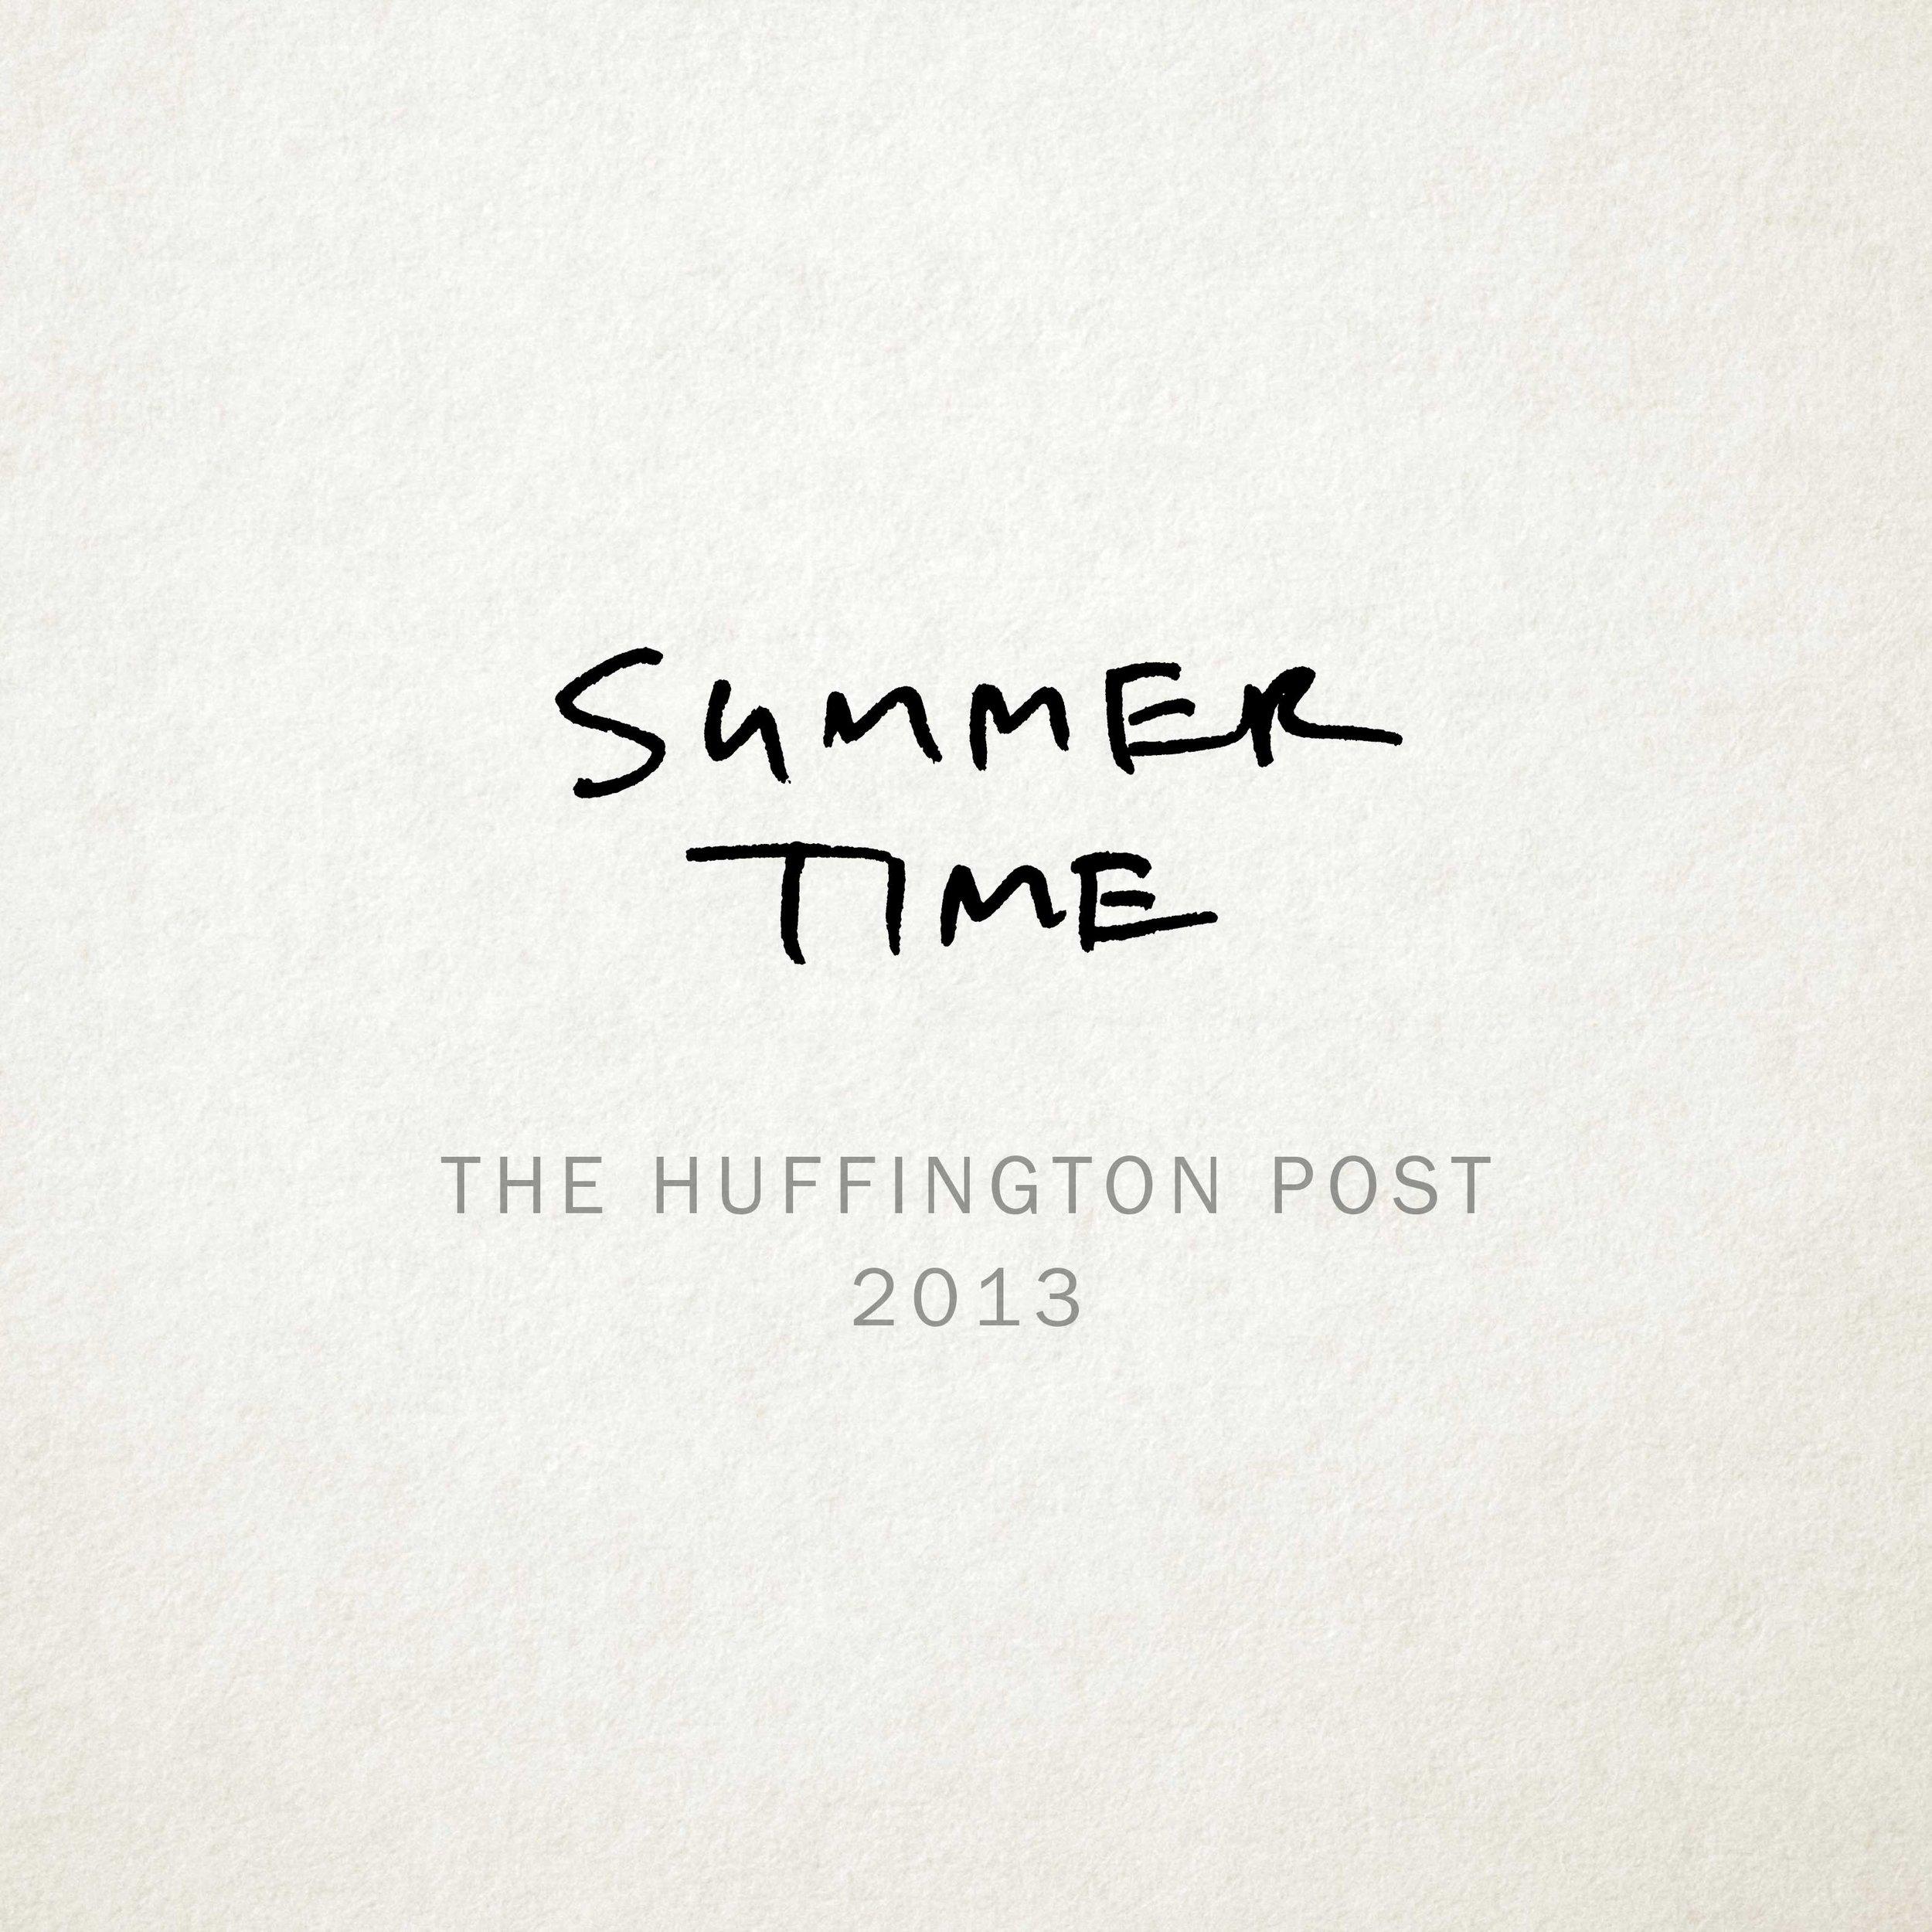 SSS-Writing-6-SummerTime.jpg